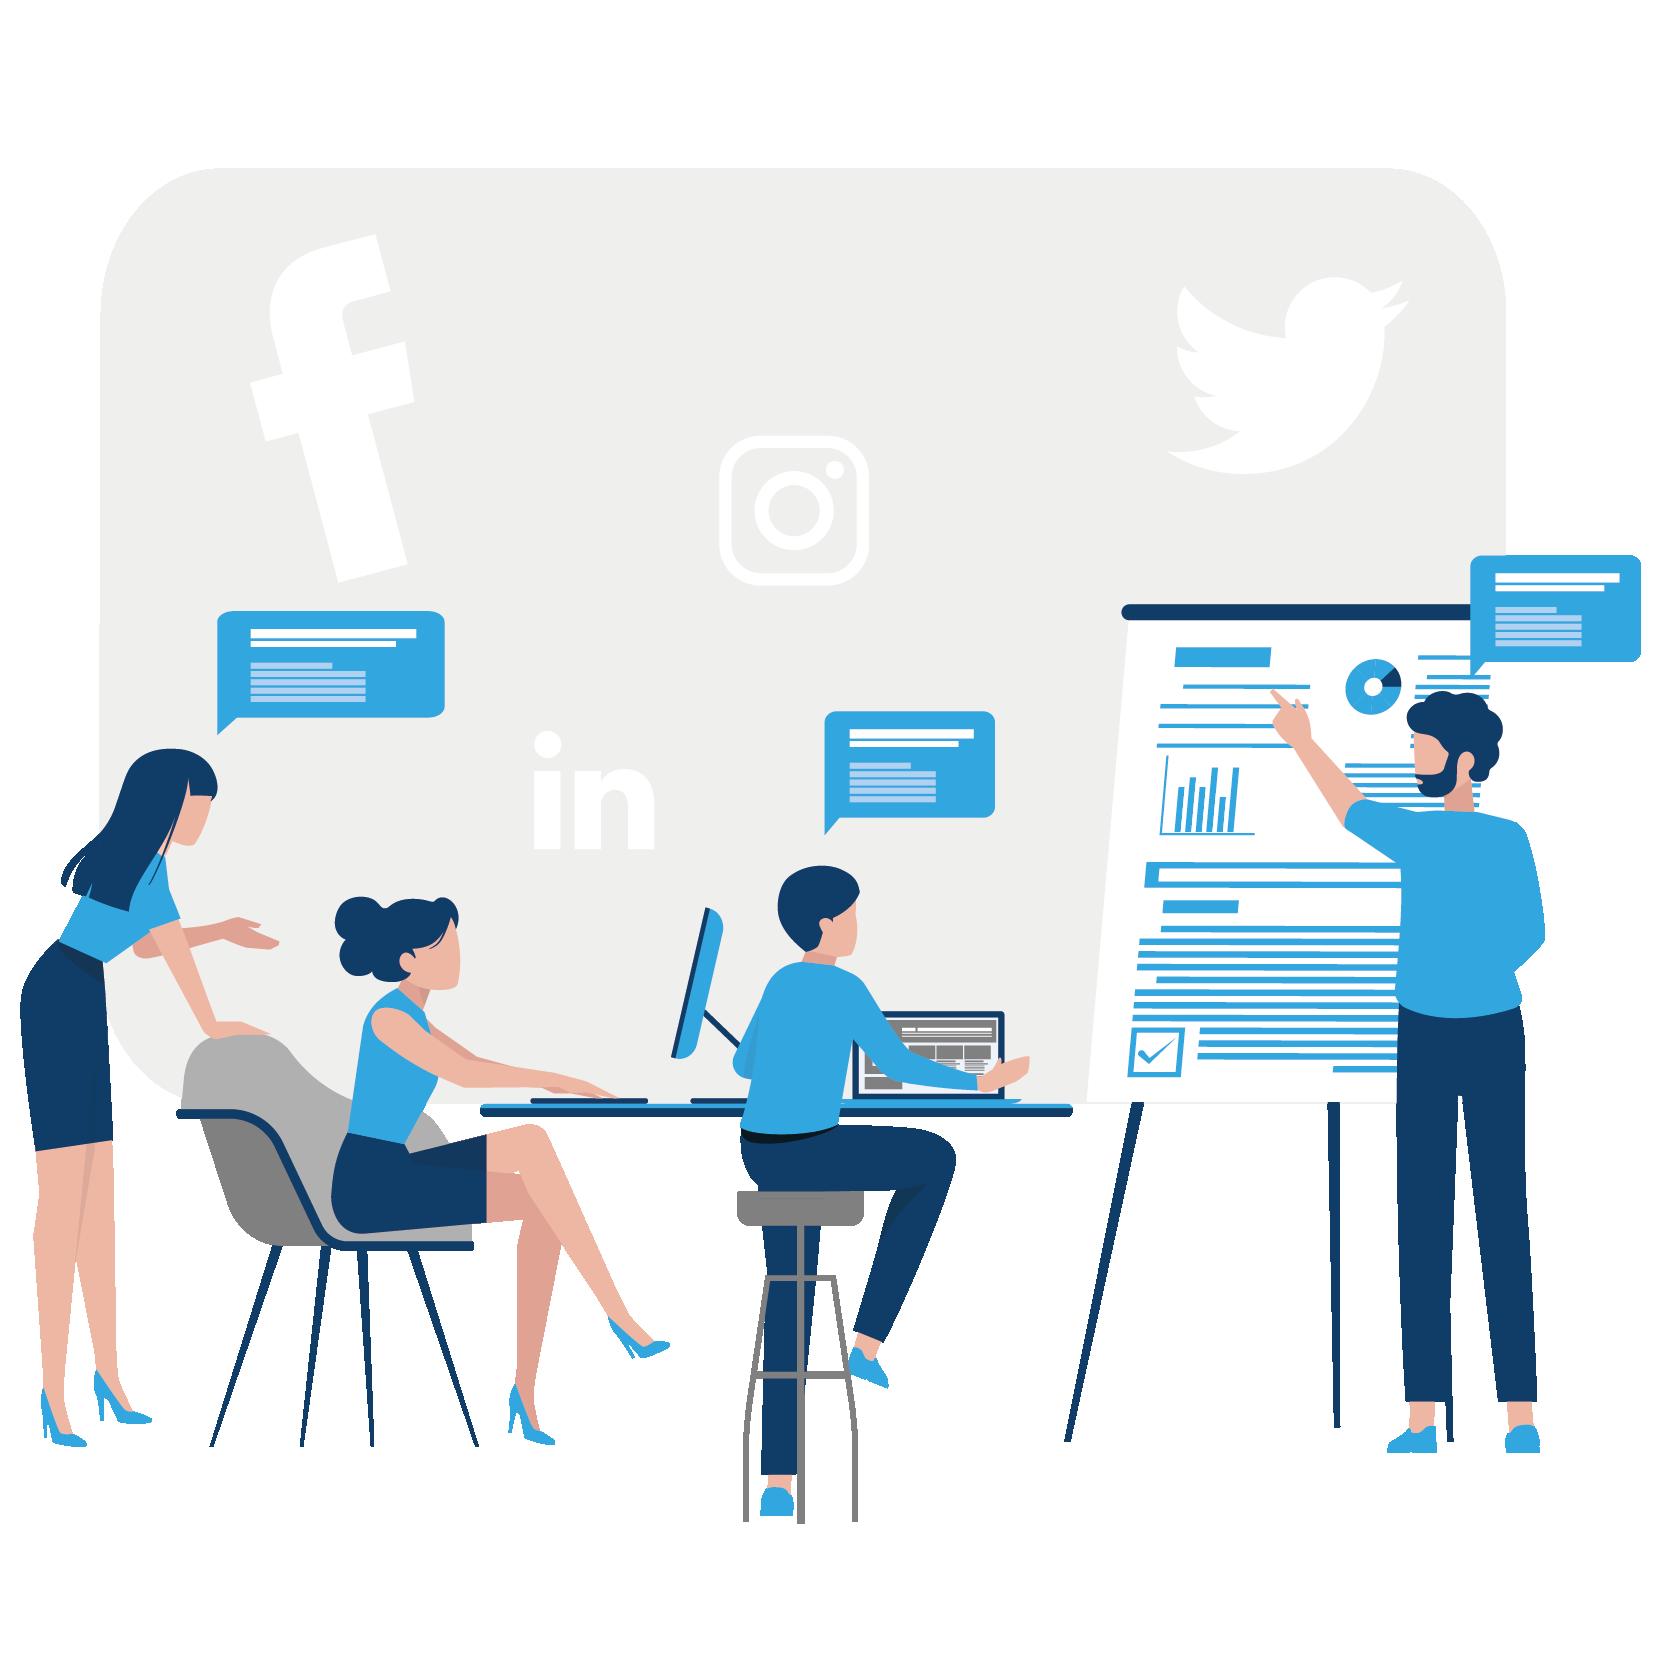 social media marketing services Training